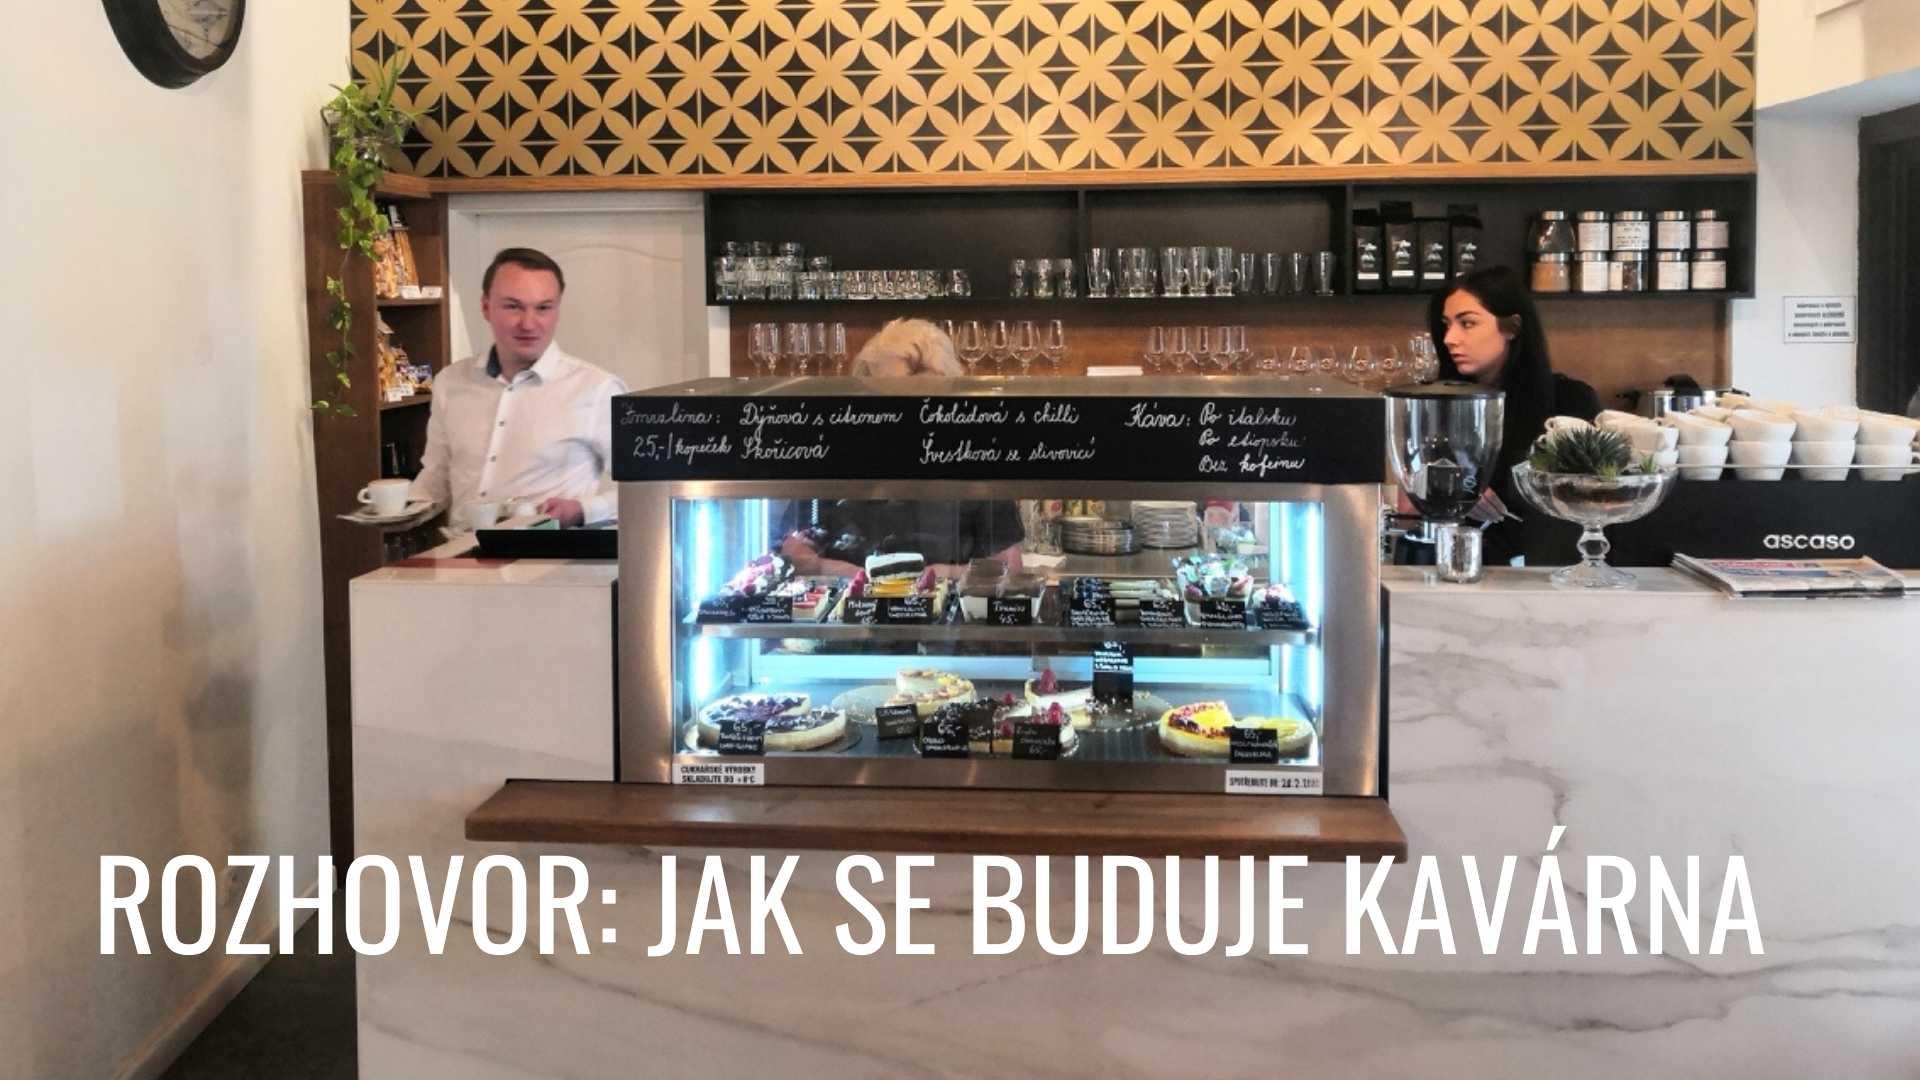 Jak se buduje kavárna? Rozhovor s kavárníkem